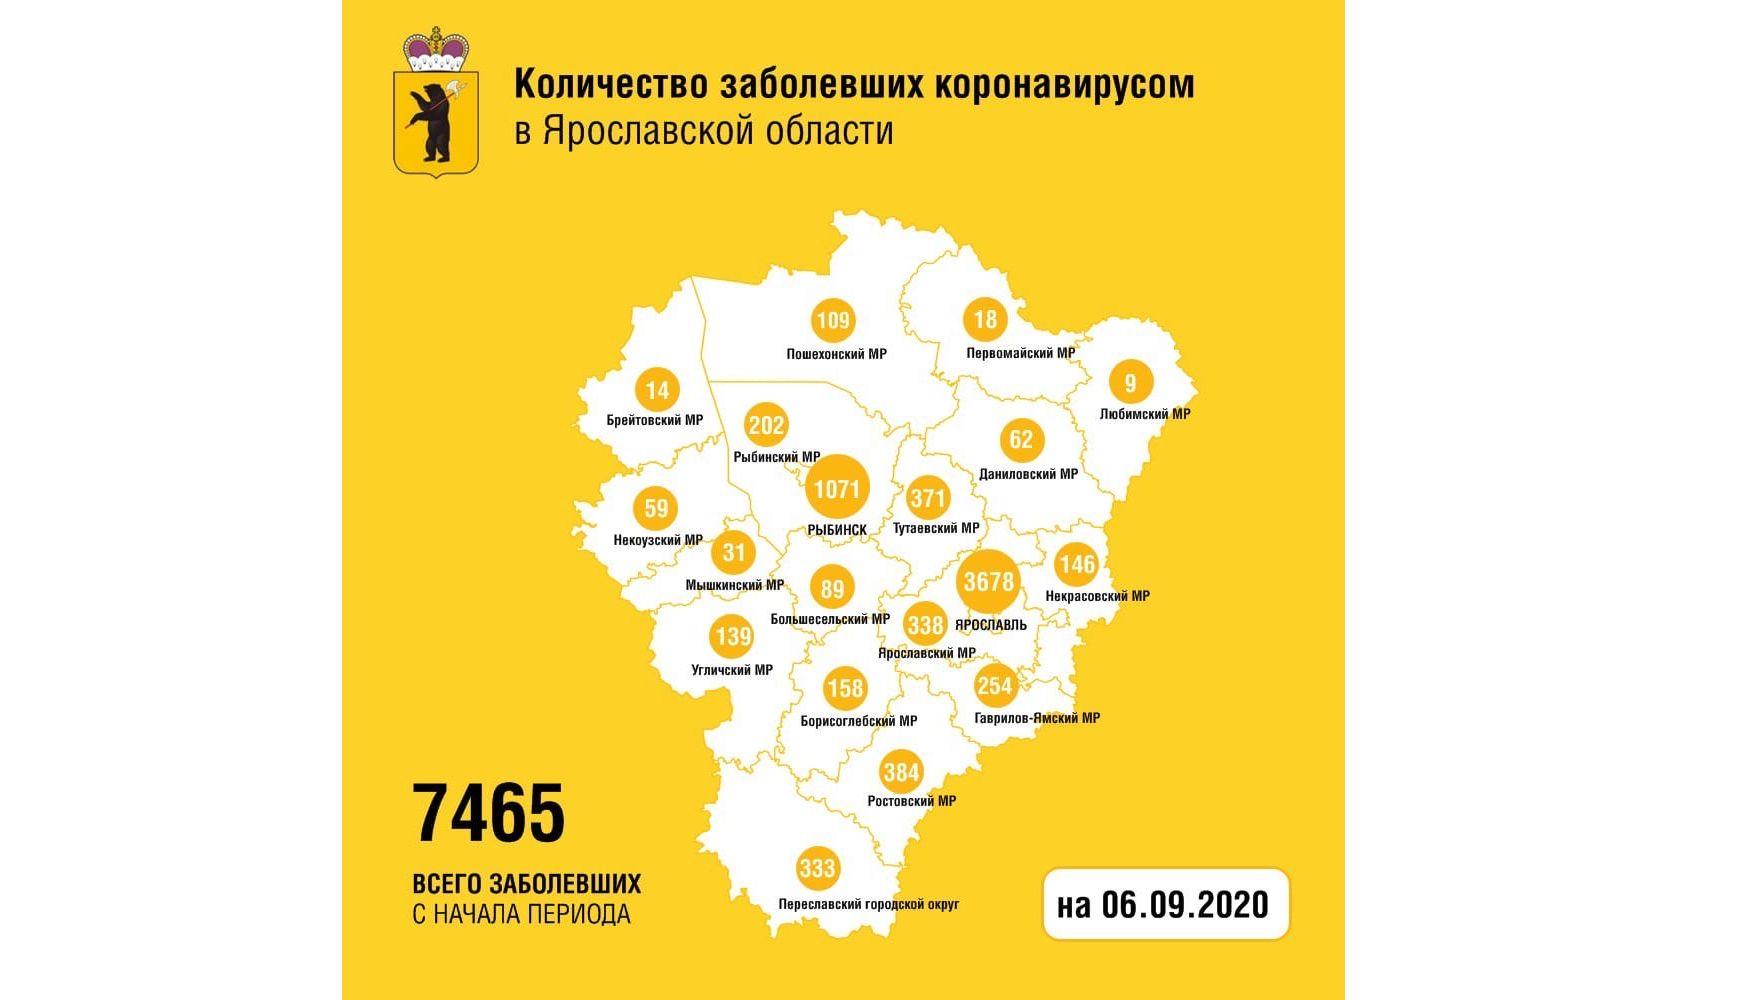 В Ярославской области от коронавируса вылечились еще 15 человек